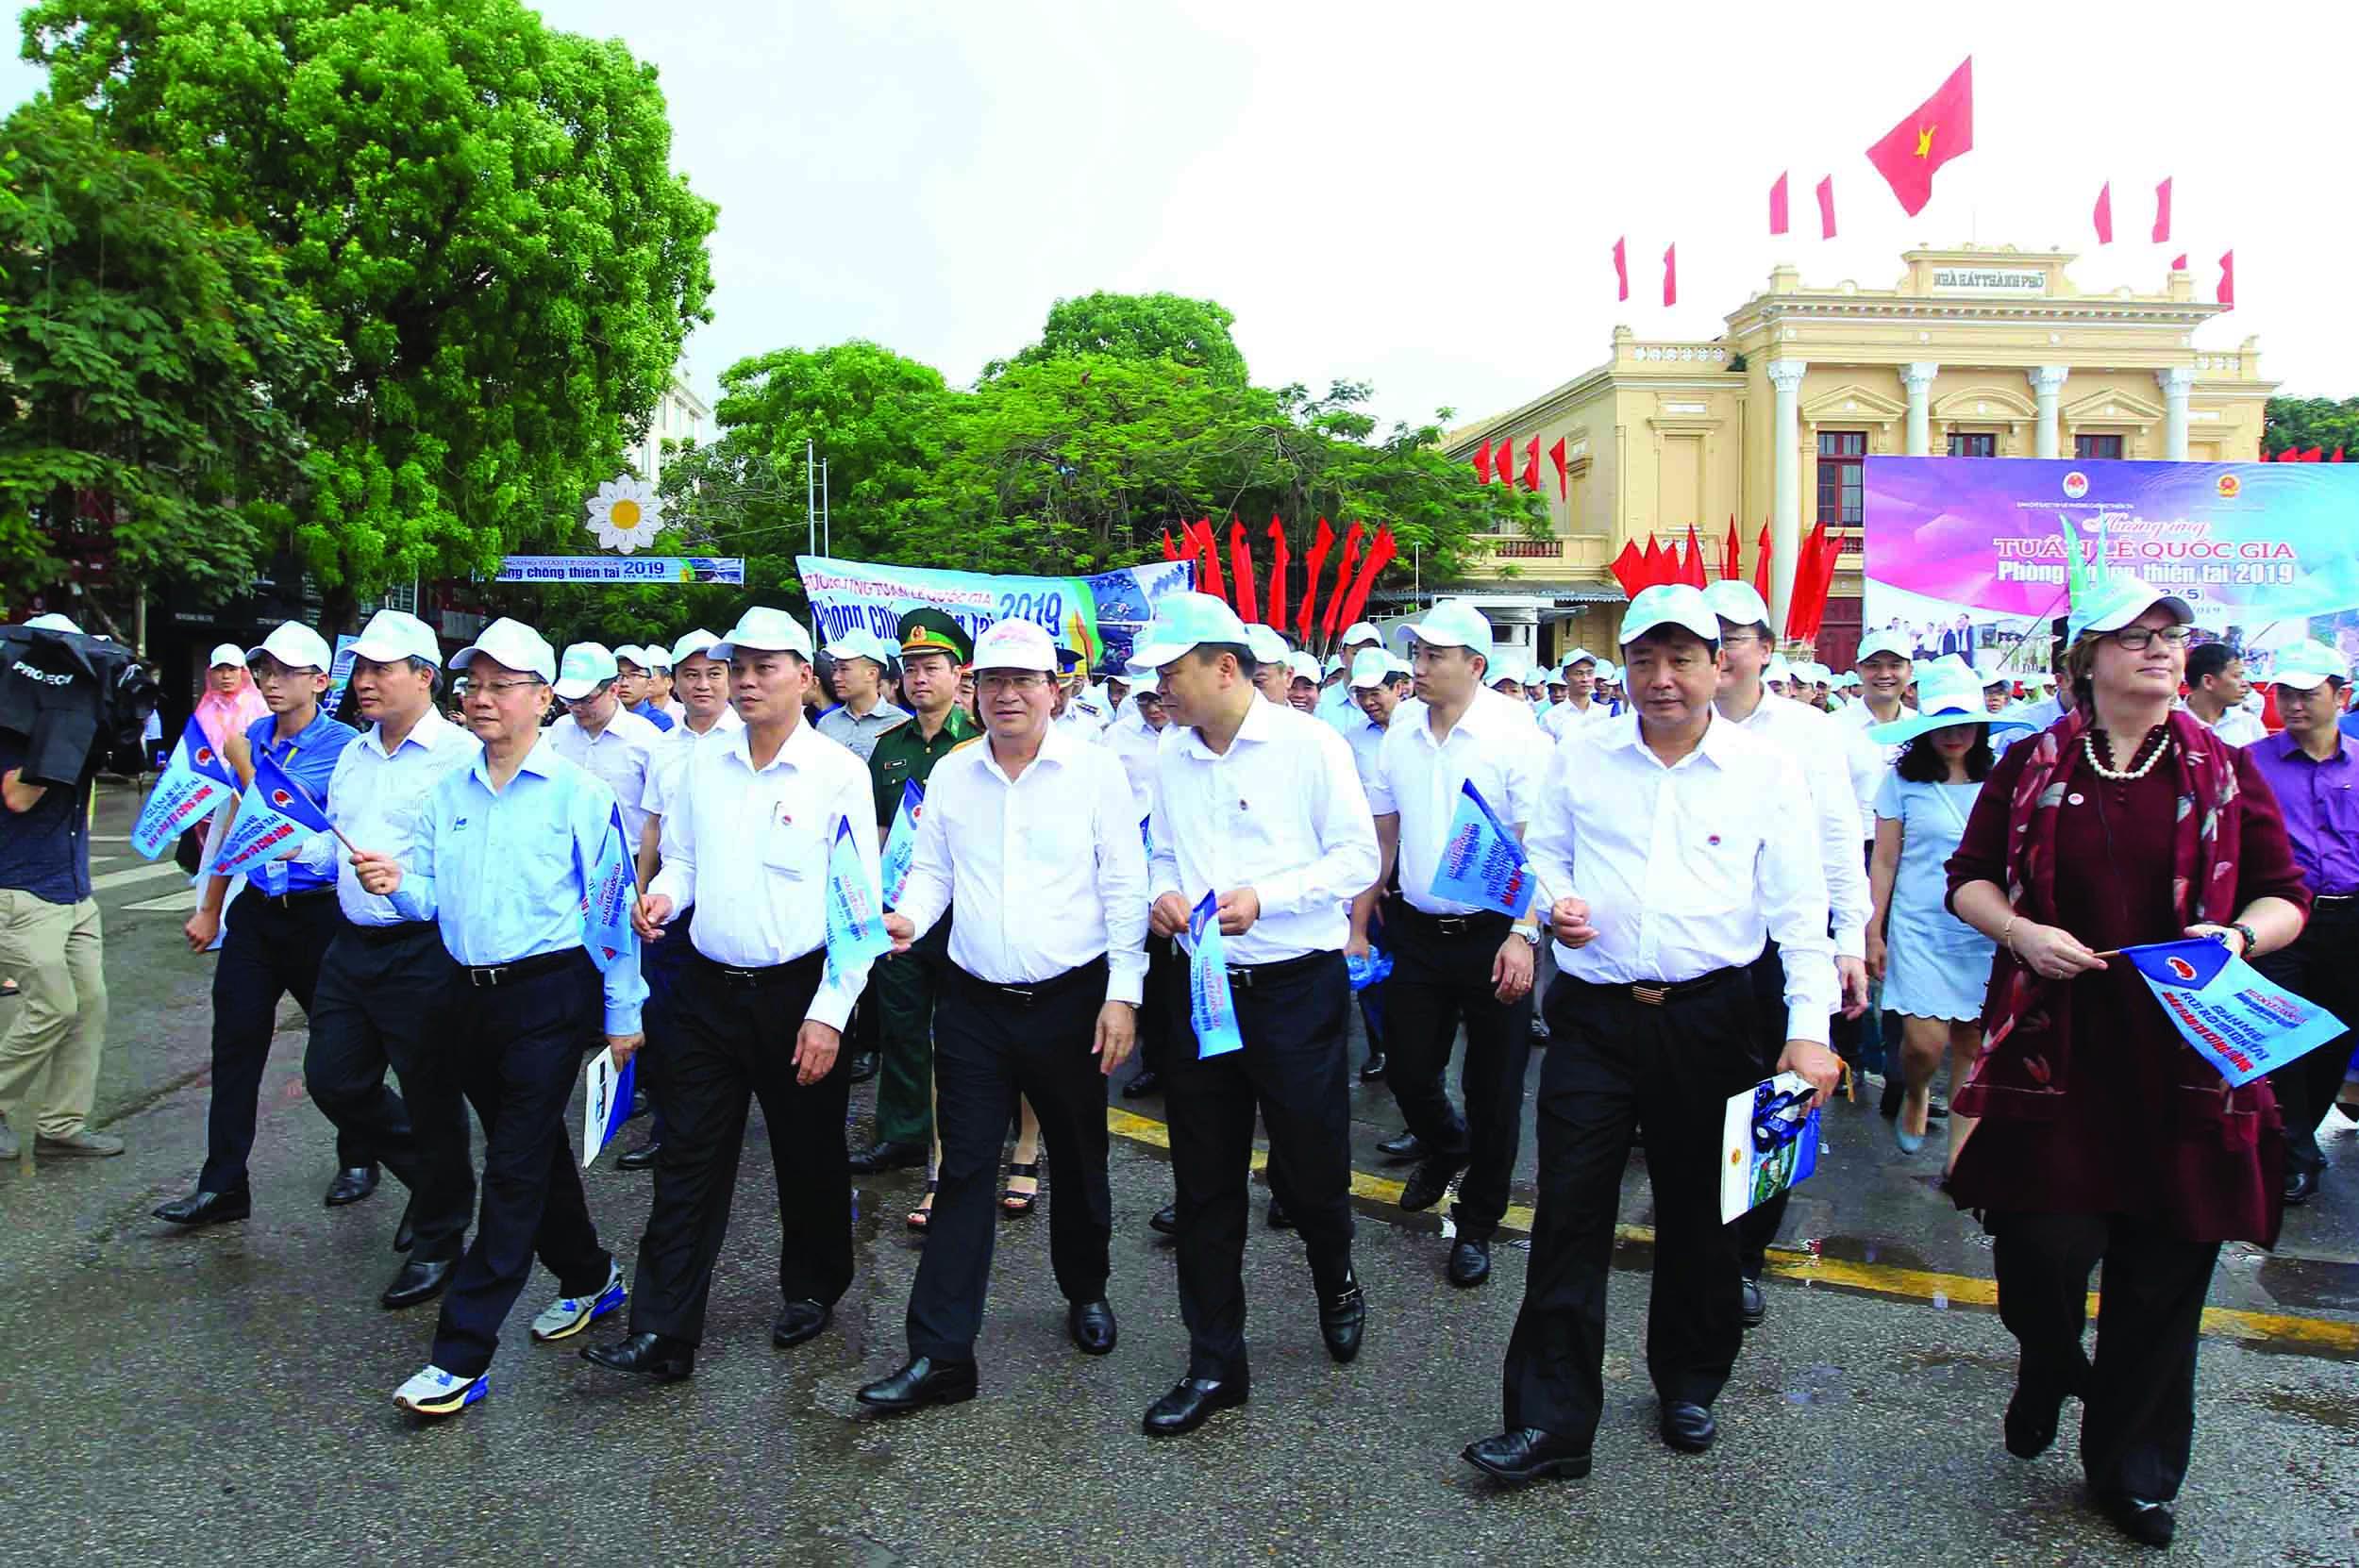 Phó Thủ tướng Trịnh Đình Dũng cùng các đại biểu diễu hành hưởng ứng Tuần lễ quốc gia về PCTT& TKCN.